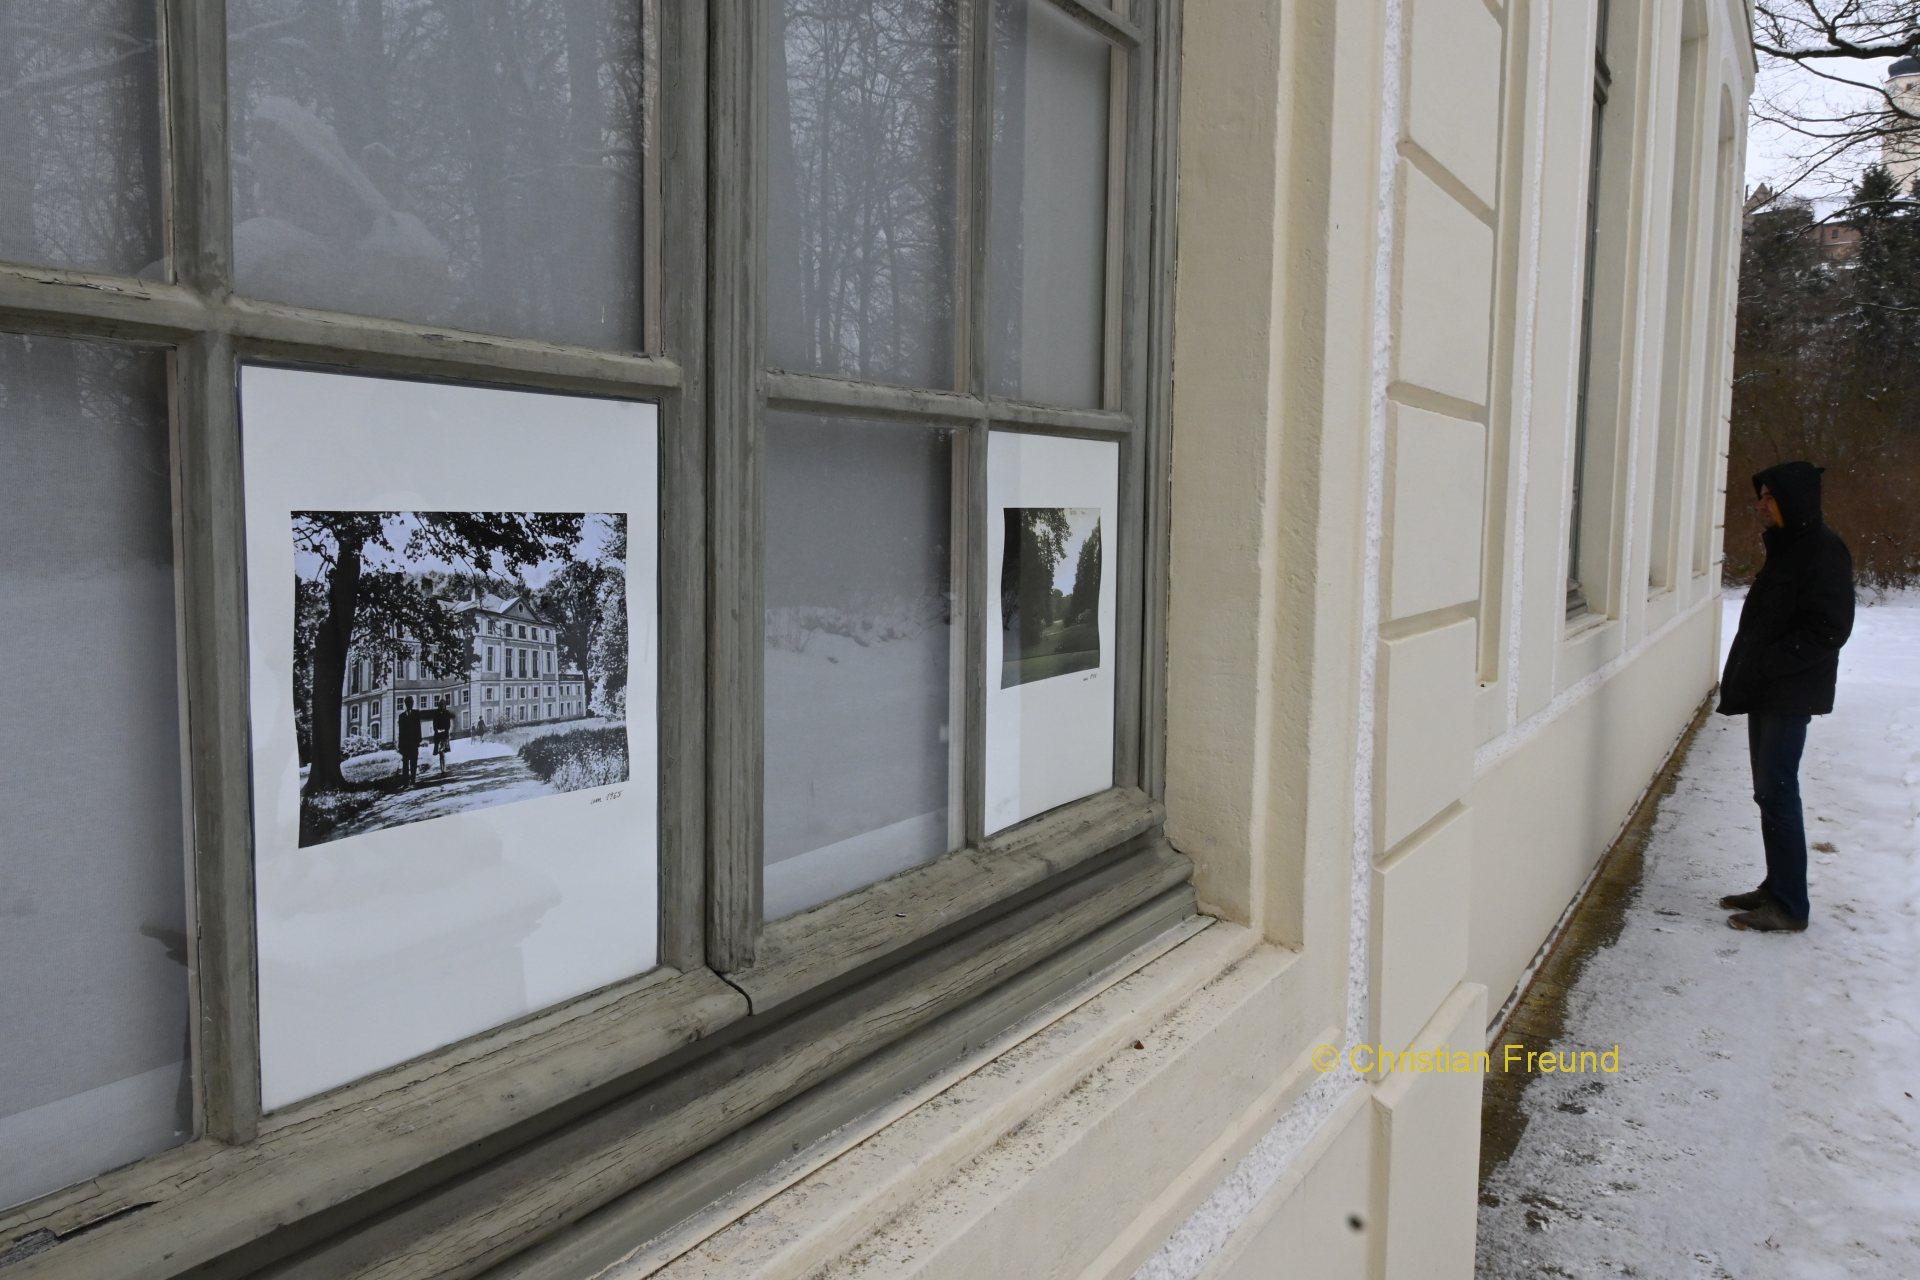 Historische Postdkarten im Großformat an Fenstern des Sommerpalais